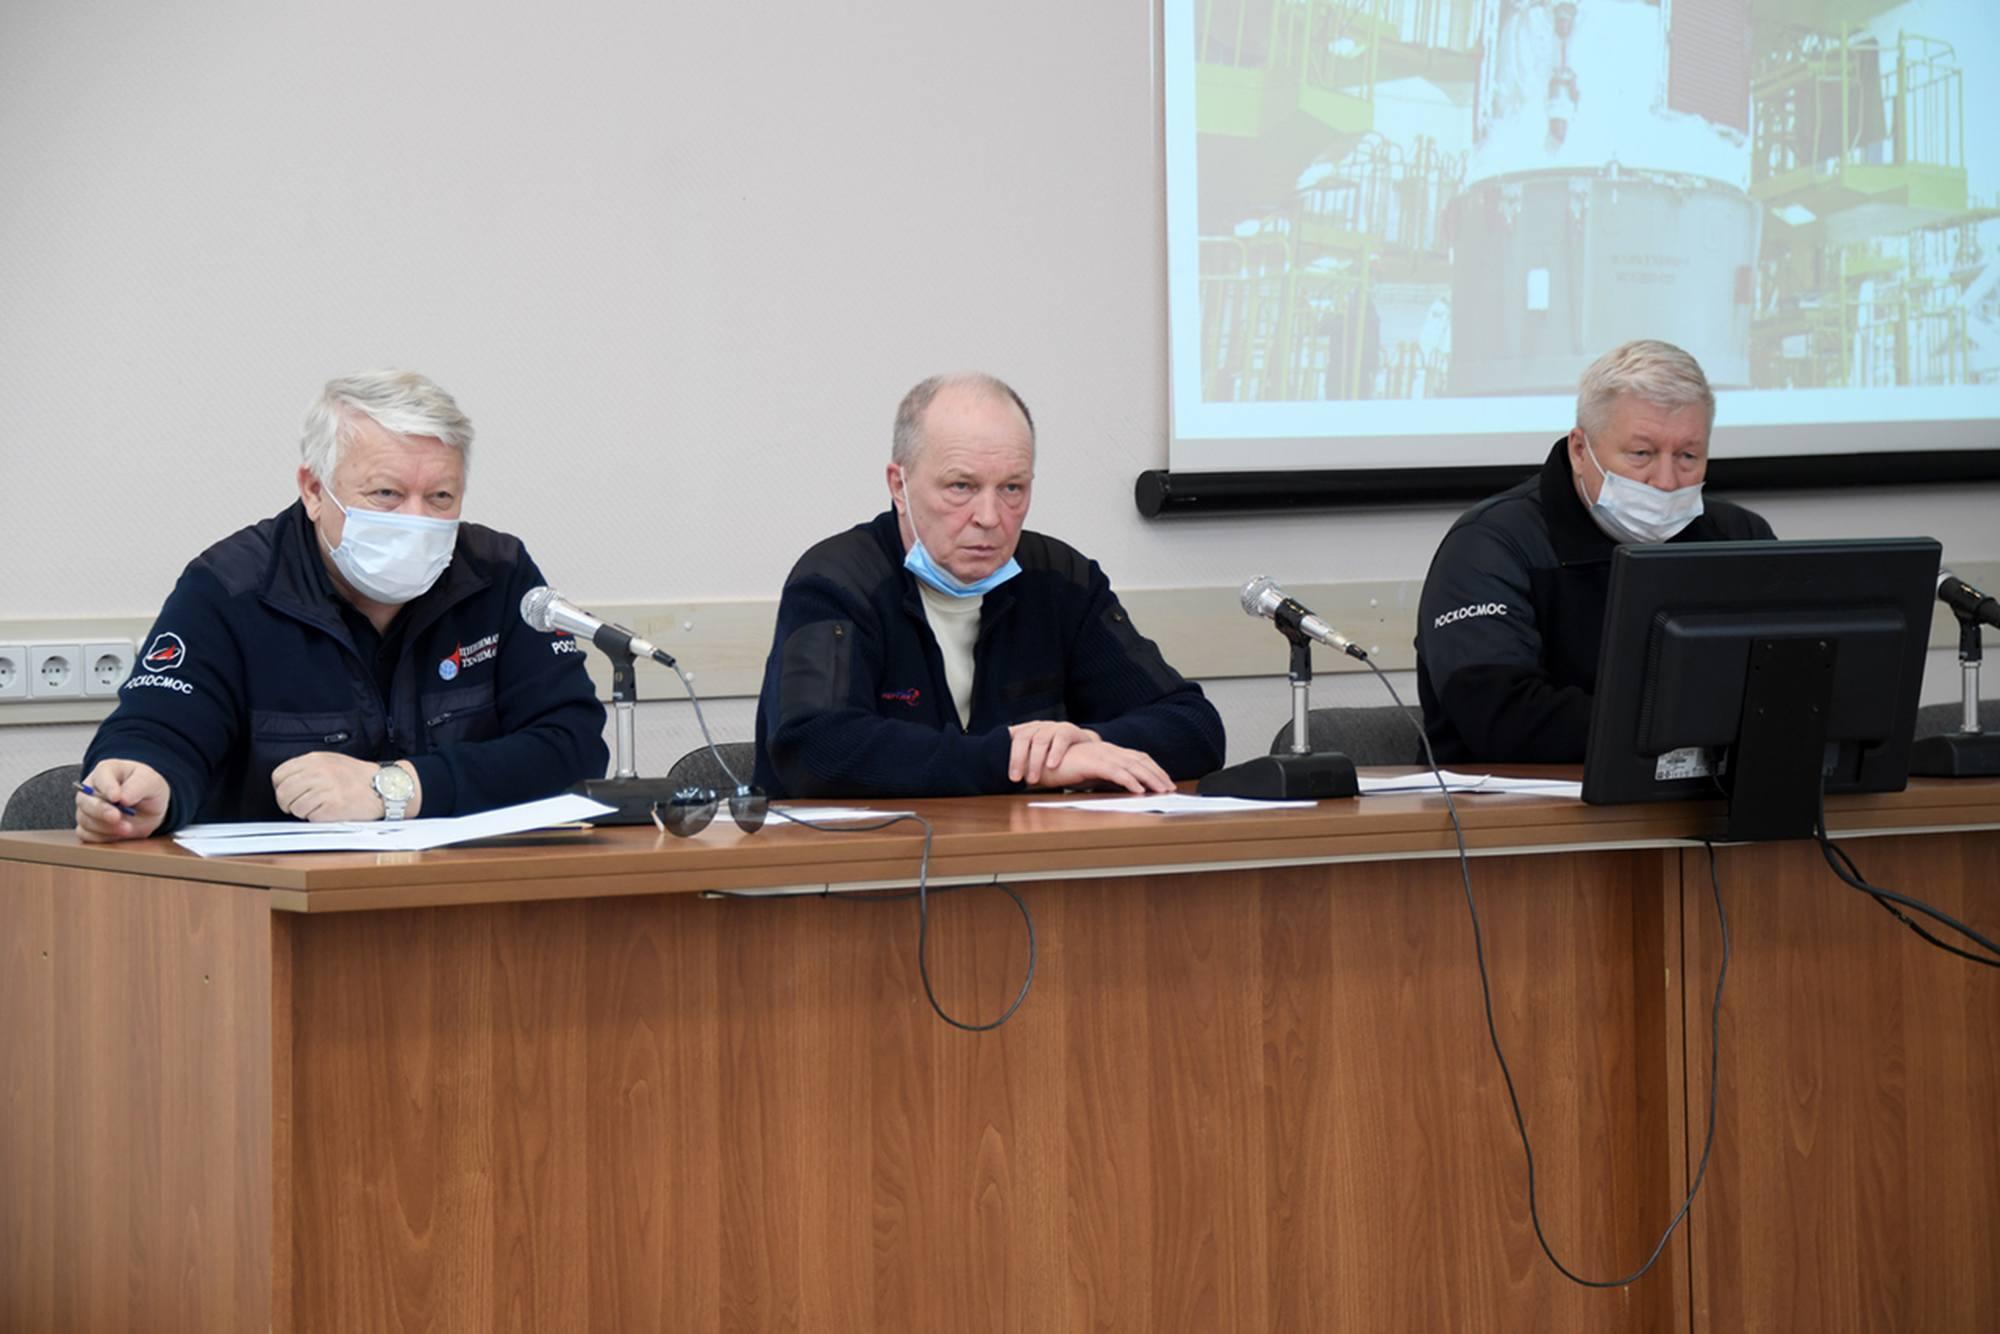 La réunion est conduite par Sergueï Romanov (Energuya) au centre, le représentant du TsNIIMash Oleg Skorobogatov, (à gauche) et Alexandre Lopatine (à droite) Directeur général adjoint de Roscosmos, pour l'ingénierie des fusées, l'exploitation de l'infrastructure spatiale au sol, l'assurance qualité et la fiabilité.